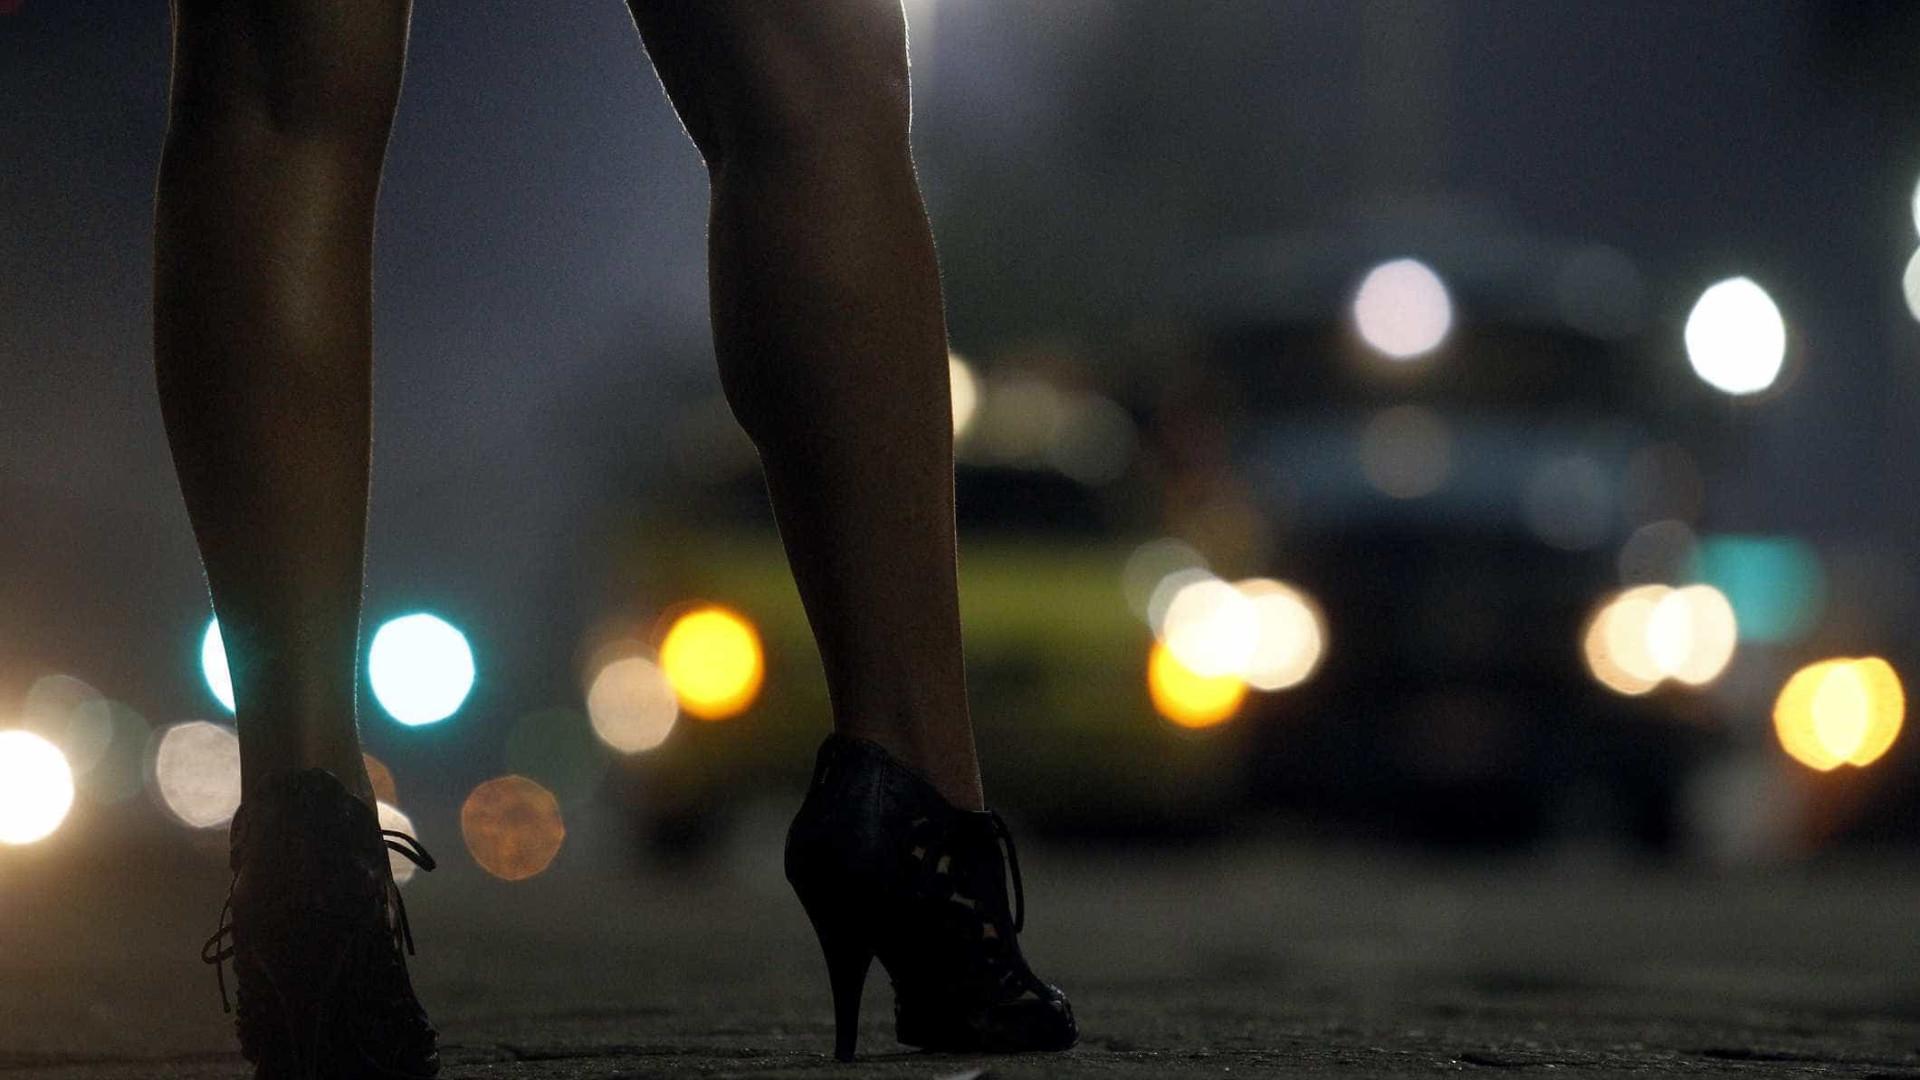 Prostituta transgénero condenada por infetar cliente com vírus da Sida